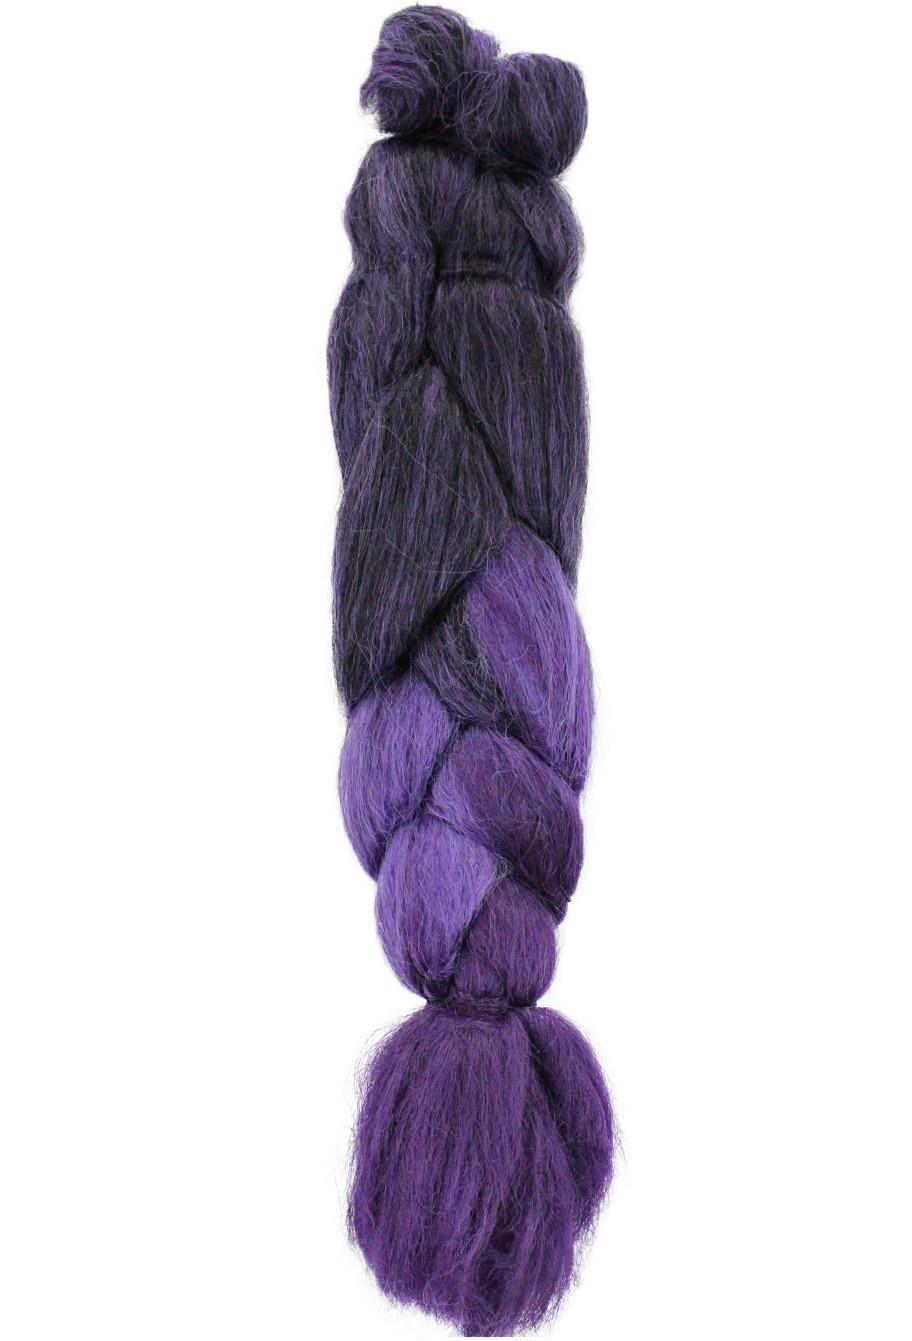 Cabelo Sintético - Ser Mulher - Jumbo (399g) - Cor: Preto com Roxo e Roxo Escuro (T1B/L.Purple/D.Purple)